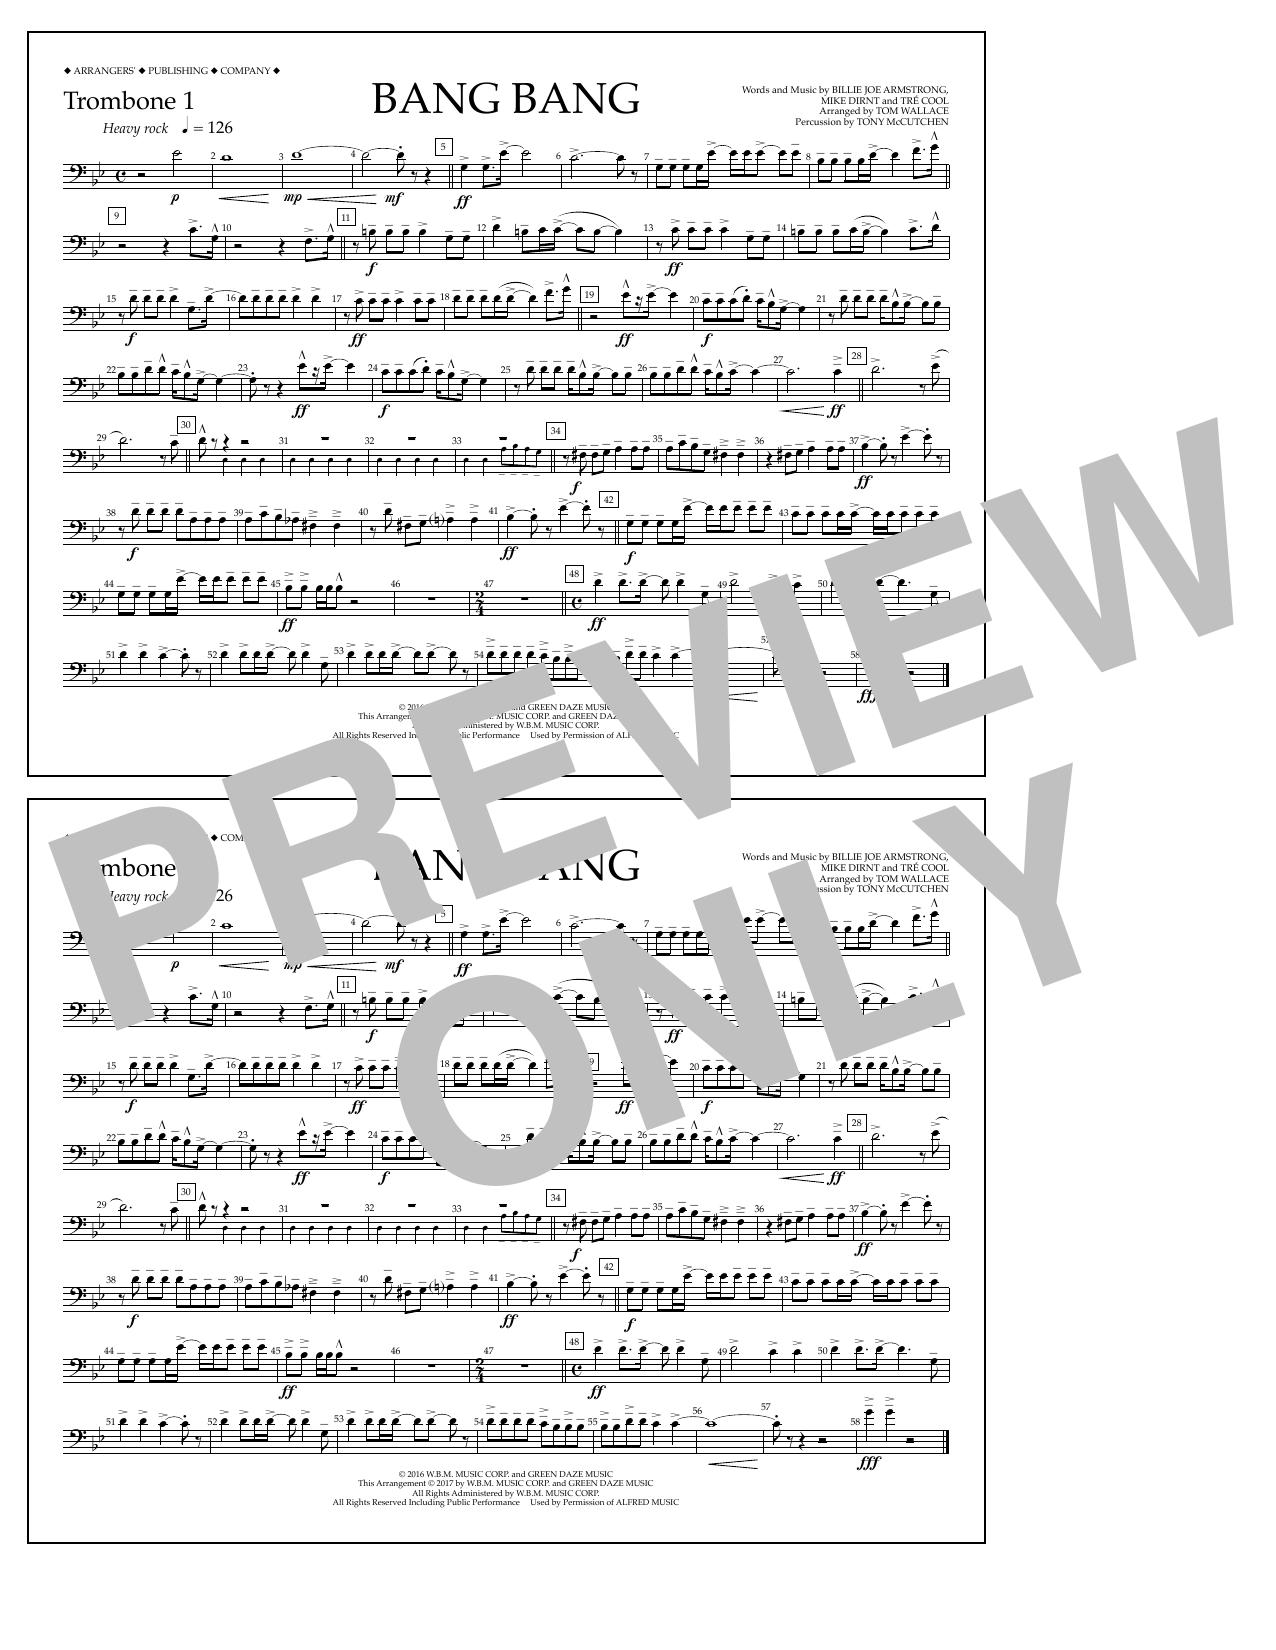 Bang Bang - Trombone 1 Partituras Digitales